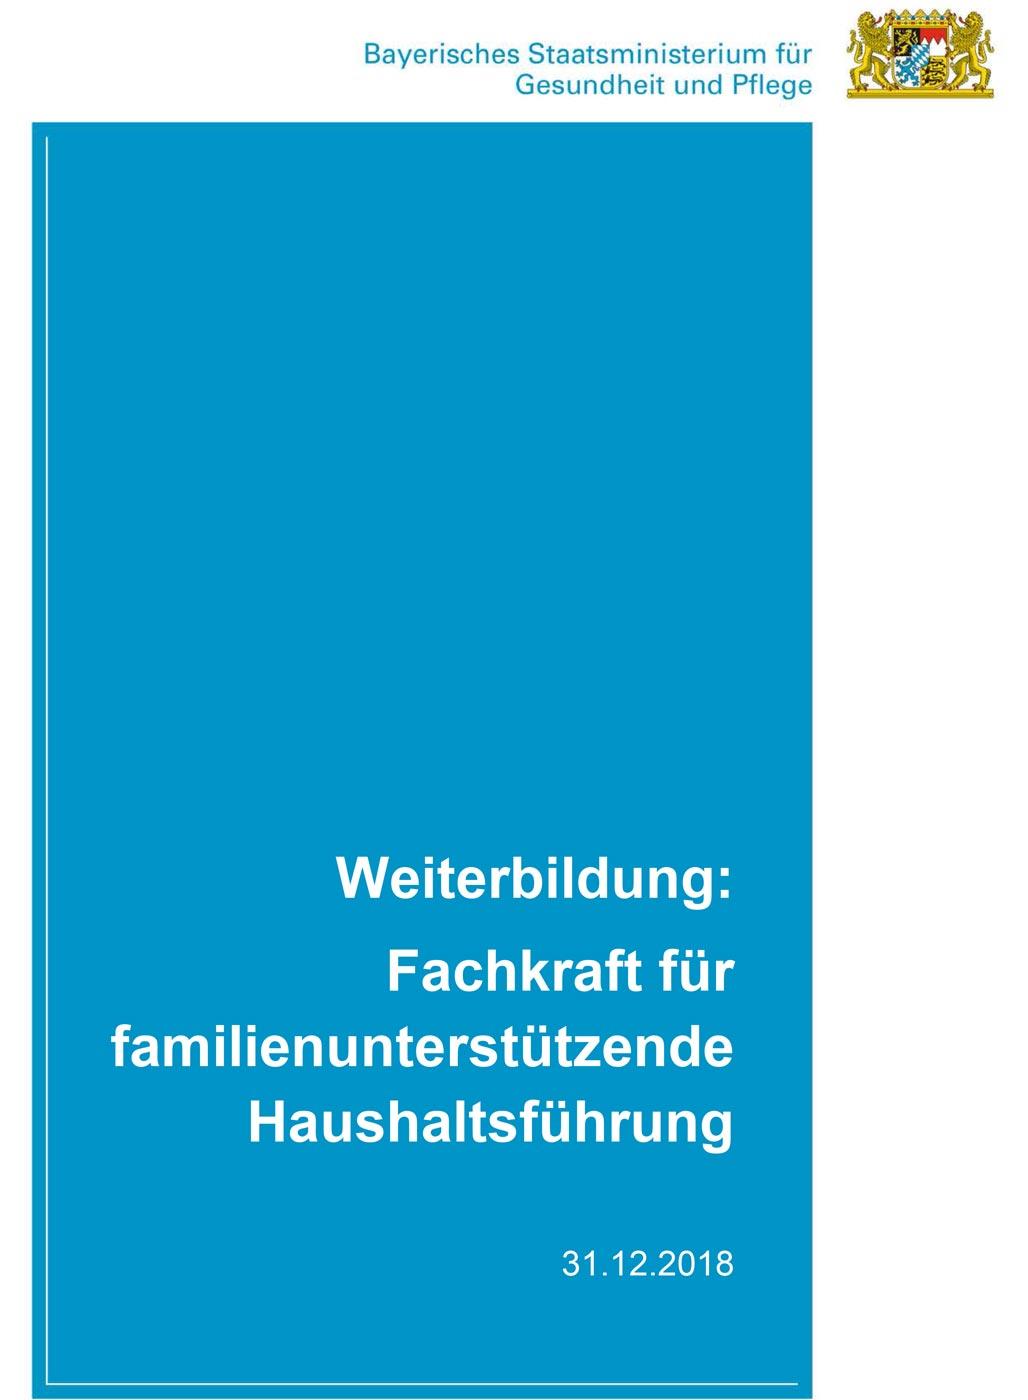 """Deckblatt Konzept zur Weiterbildung zur """"Fachkraft für familienunterstützende Haushaltsführung"""""""